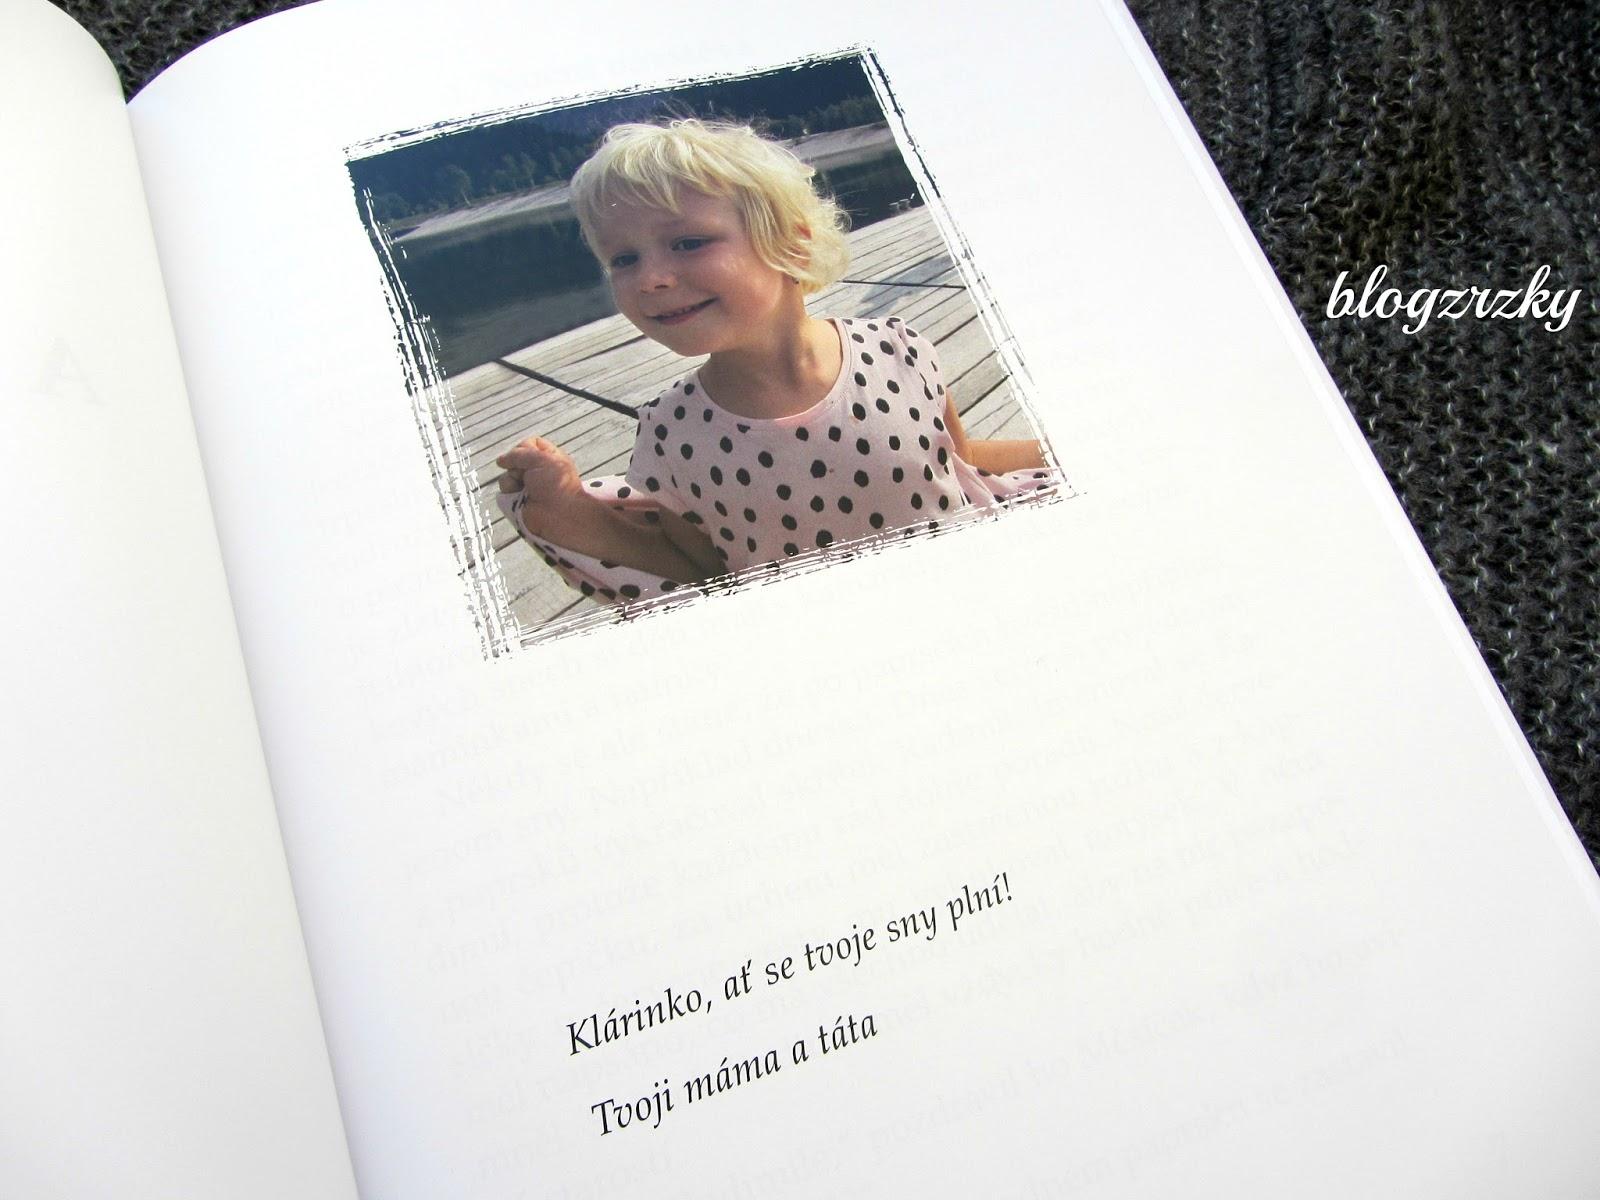 Blog Zrzky  Knihy pro děti   Klárka a přáníčkové hvězdy   Giveaway 1bd82be3d0b